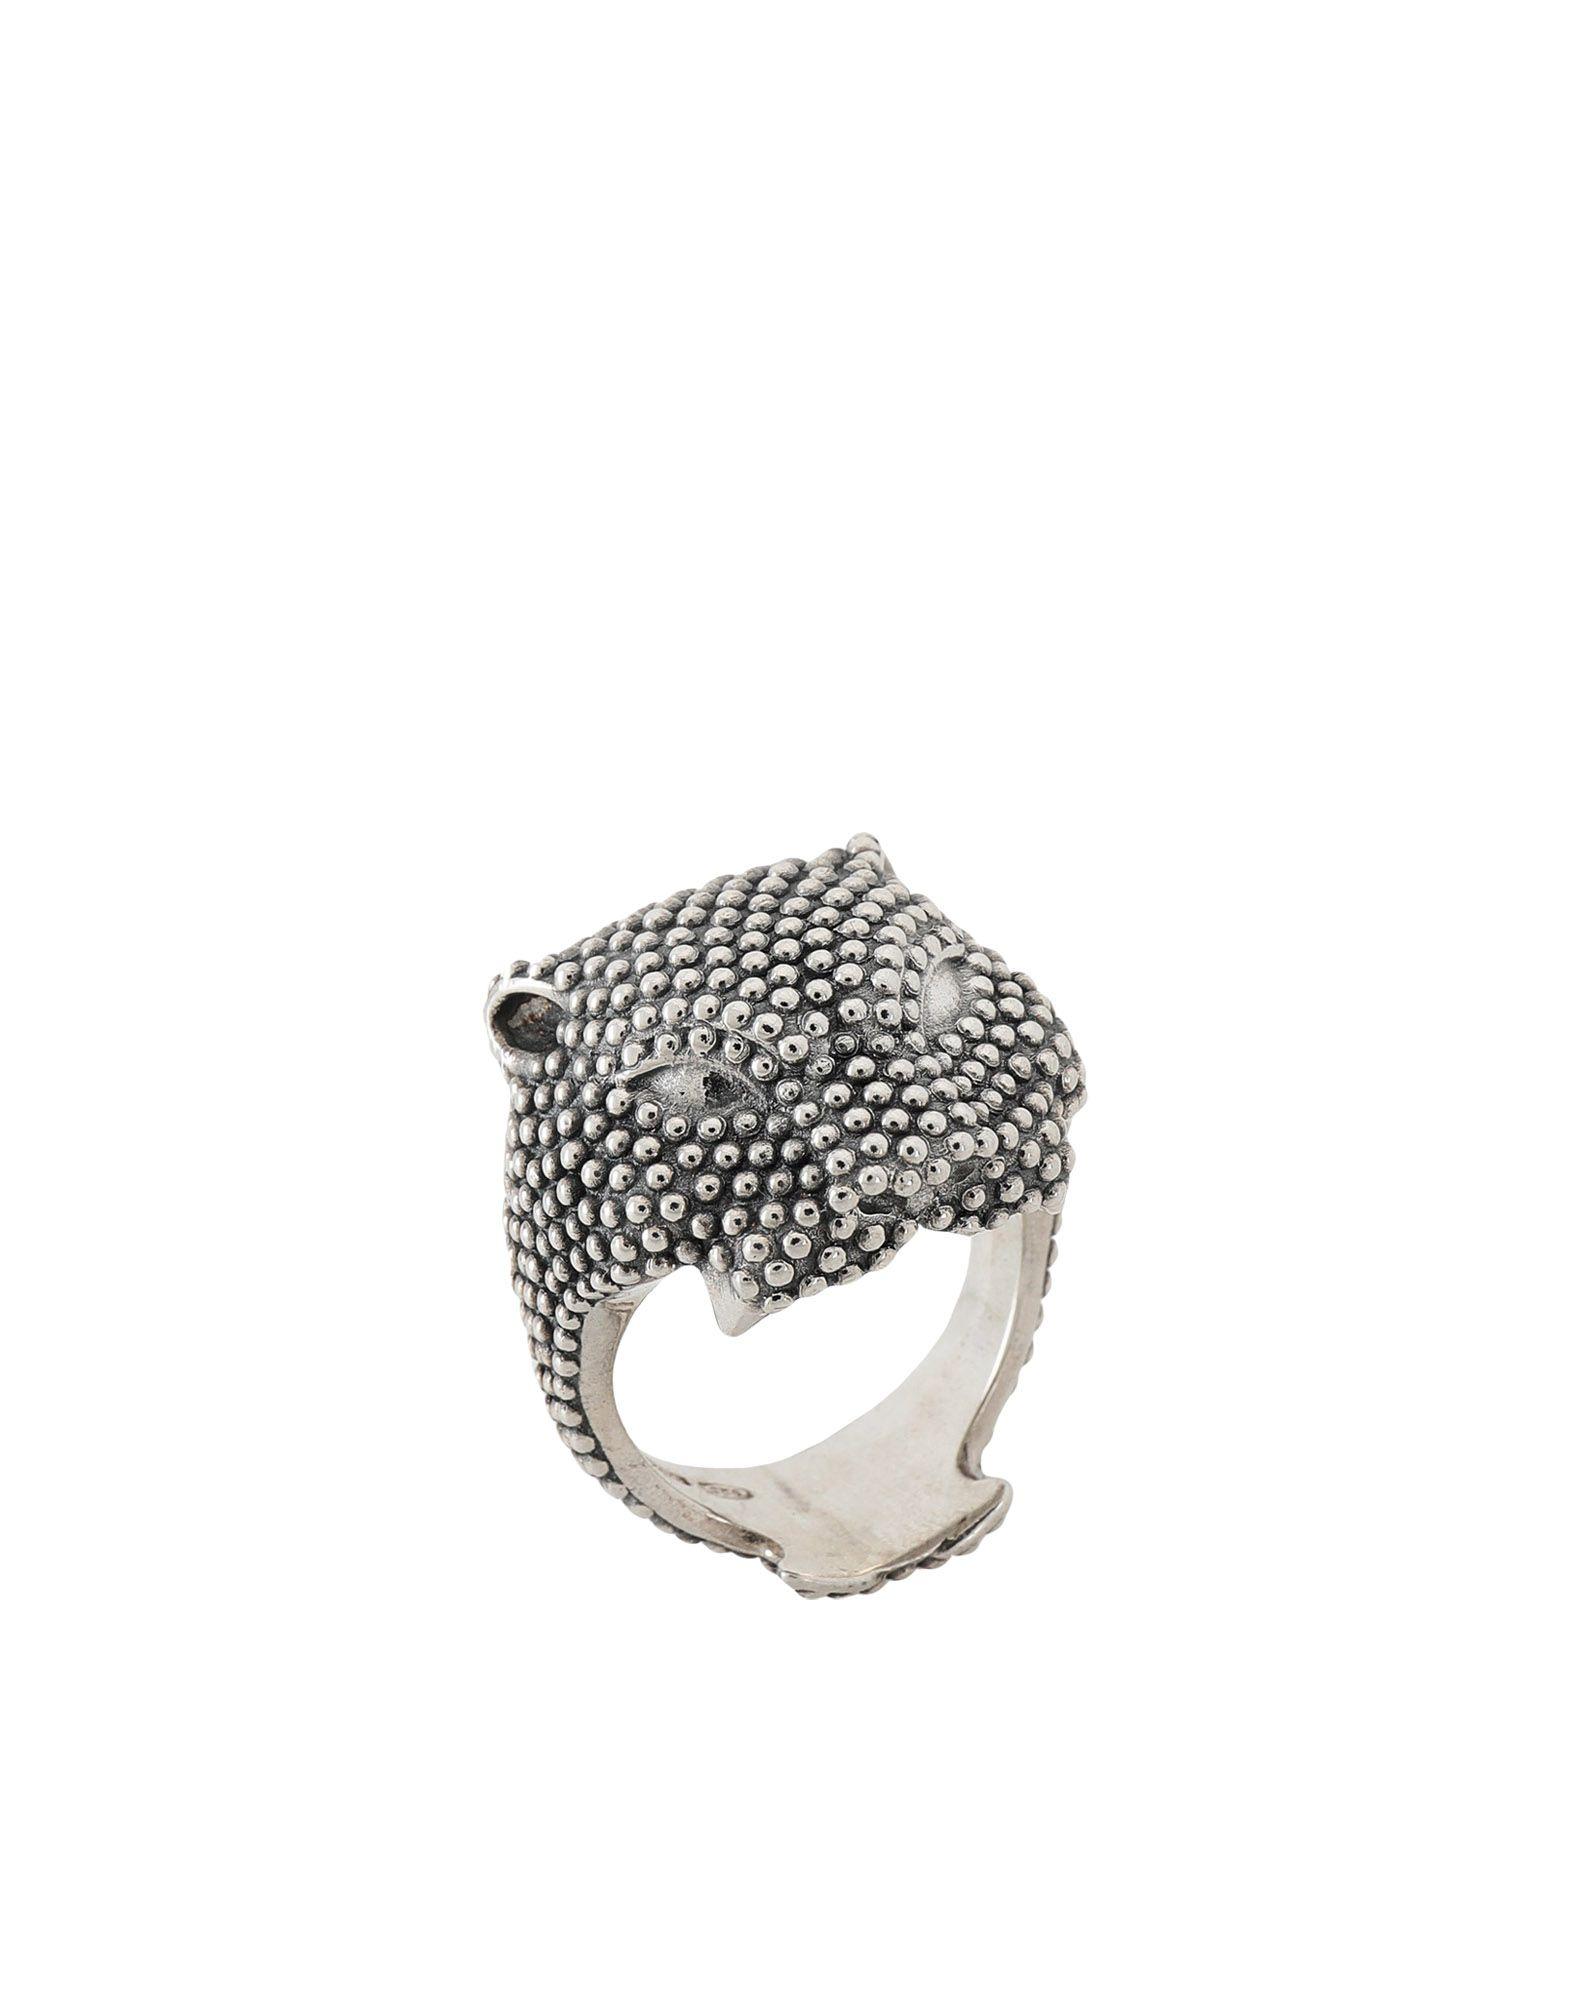 《期間限定 セール開催中》NOVE25 メンズ 指輪 シルバー 19 シルバー925/1000 DOTTED PANTHER RING